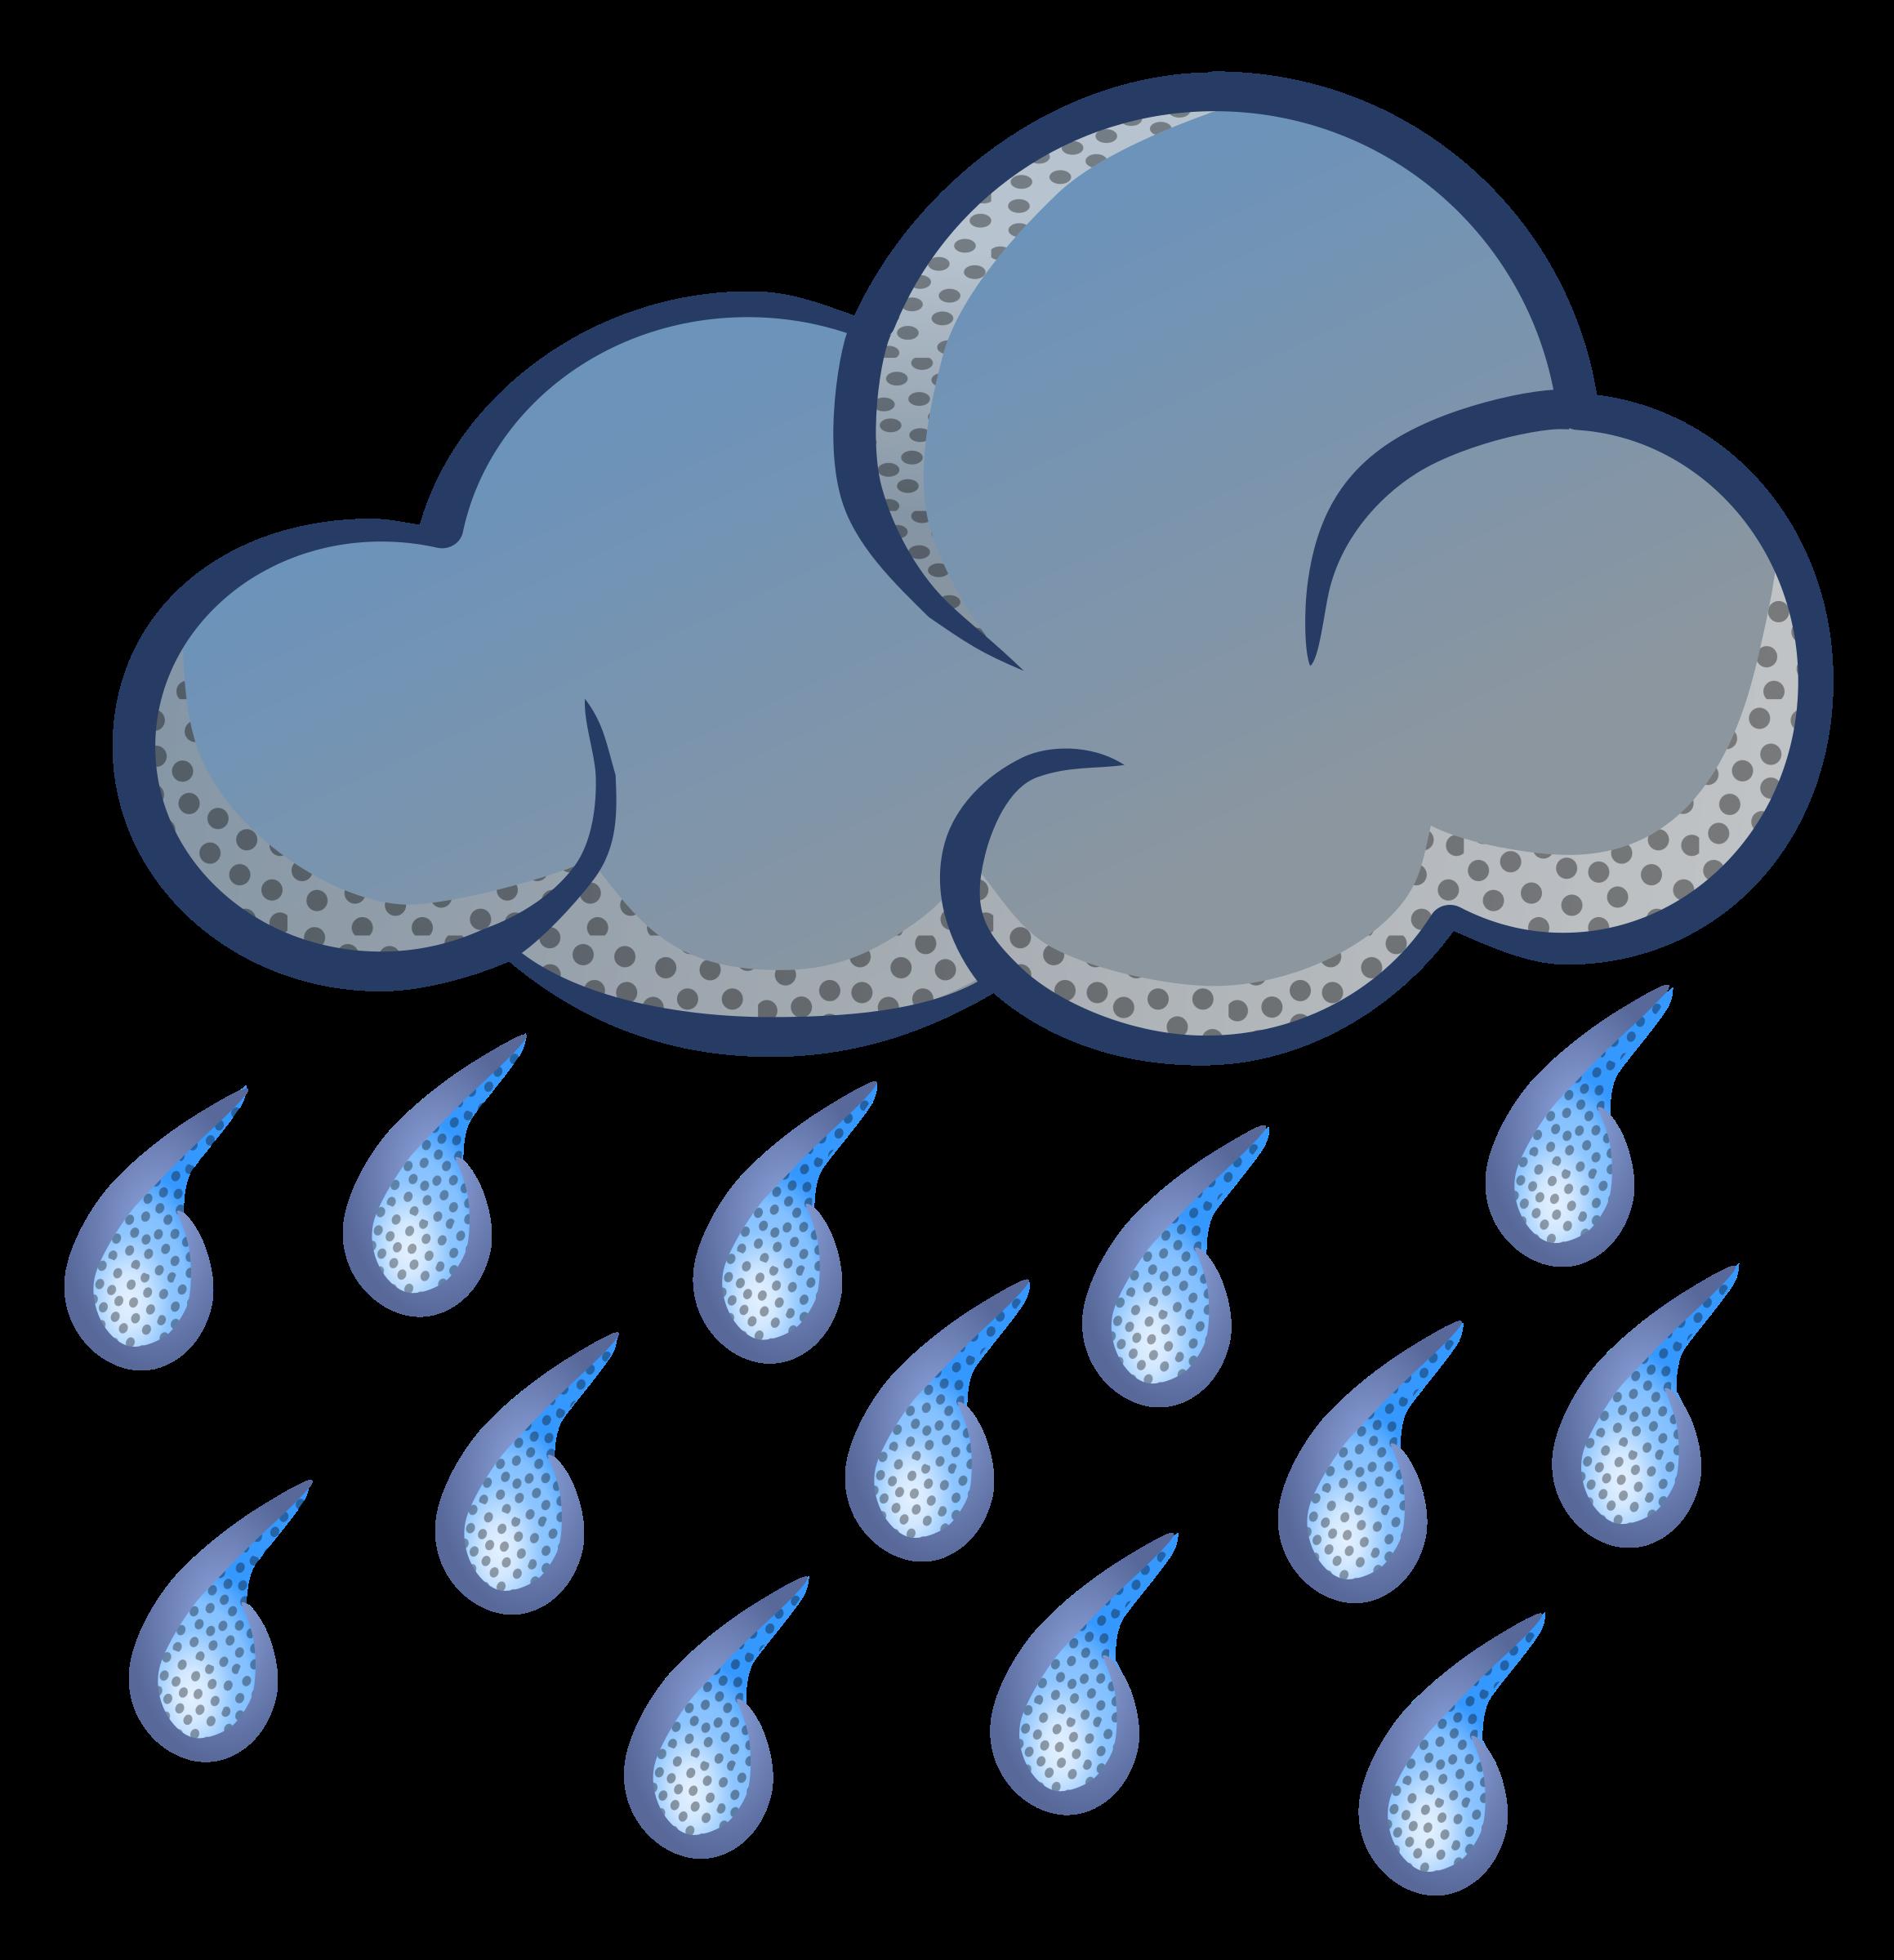 2319x2400 Rain Clipart Image Clip Art Rain Clouds 2